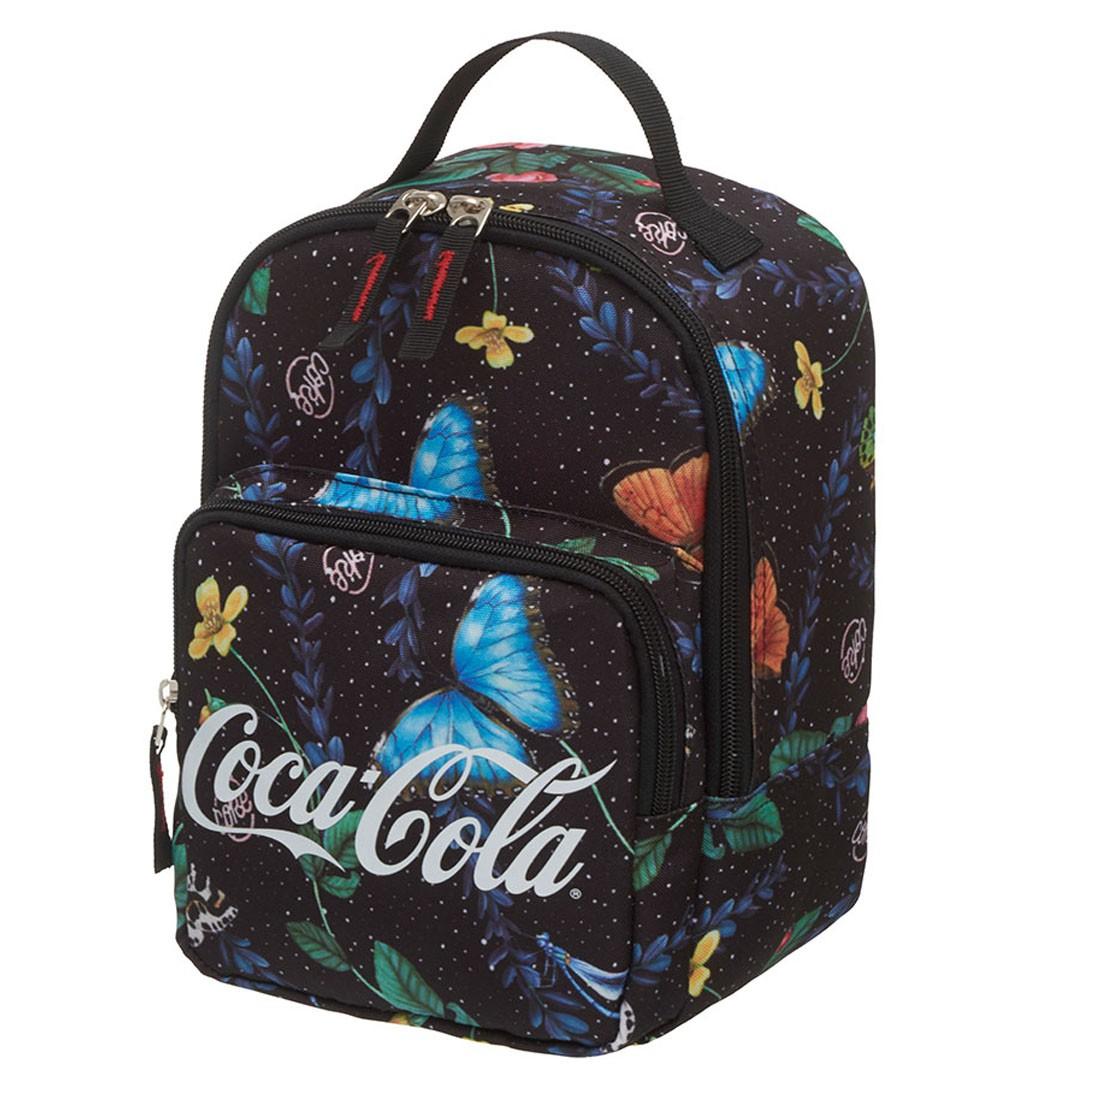 Lancheira Coca Cola Wild Jungle 7845310